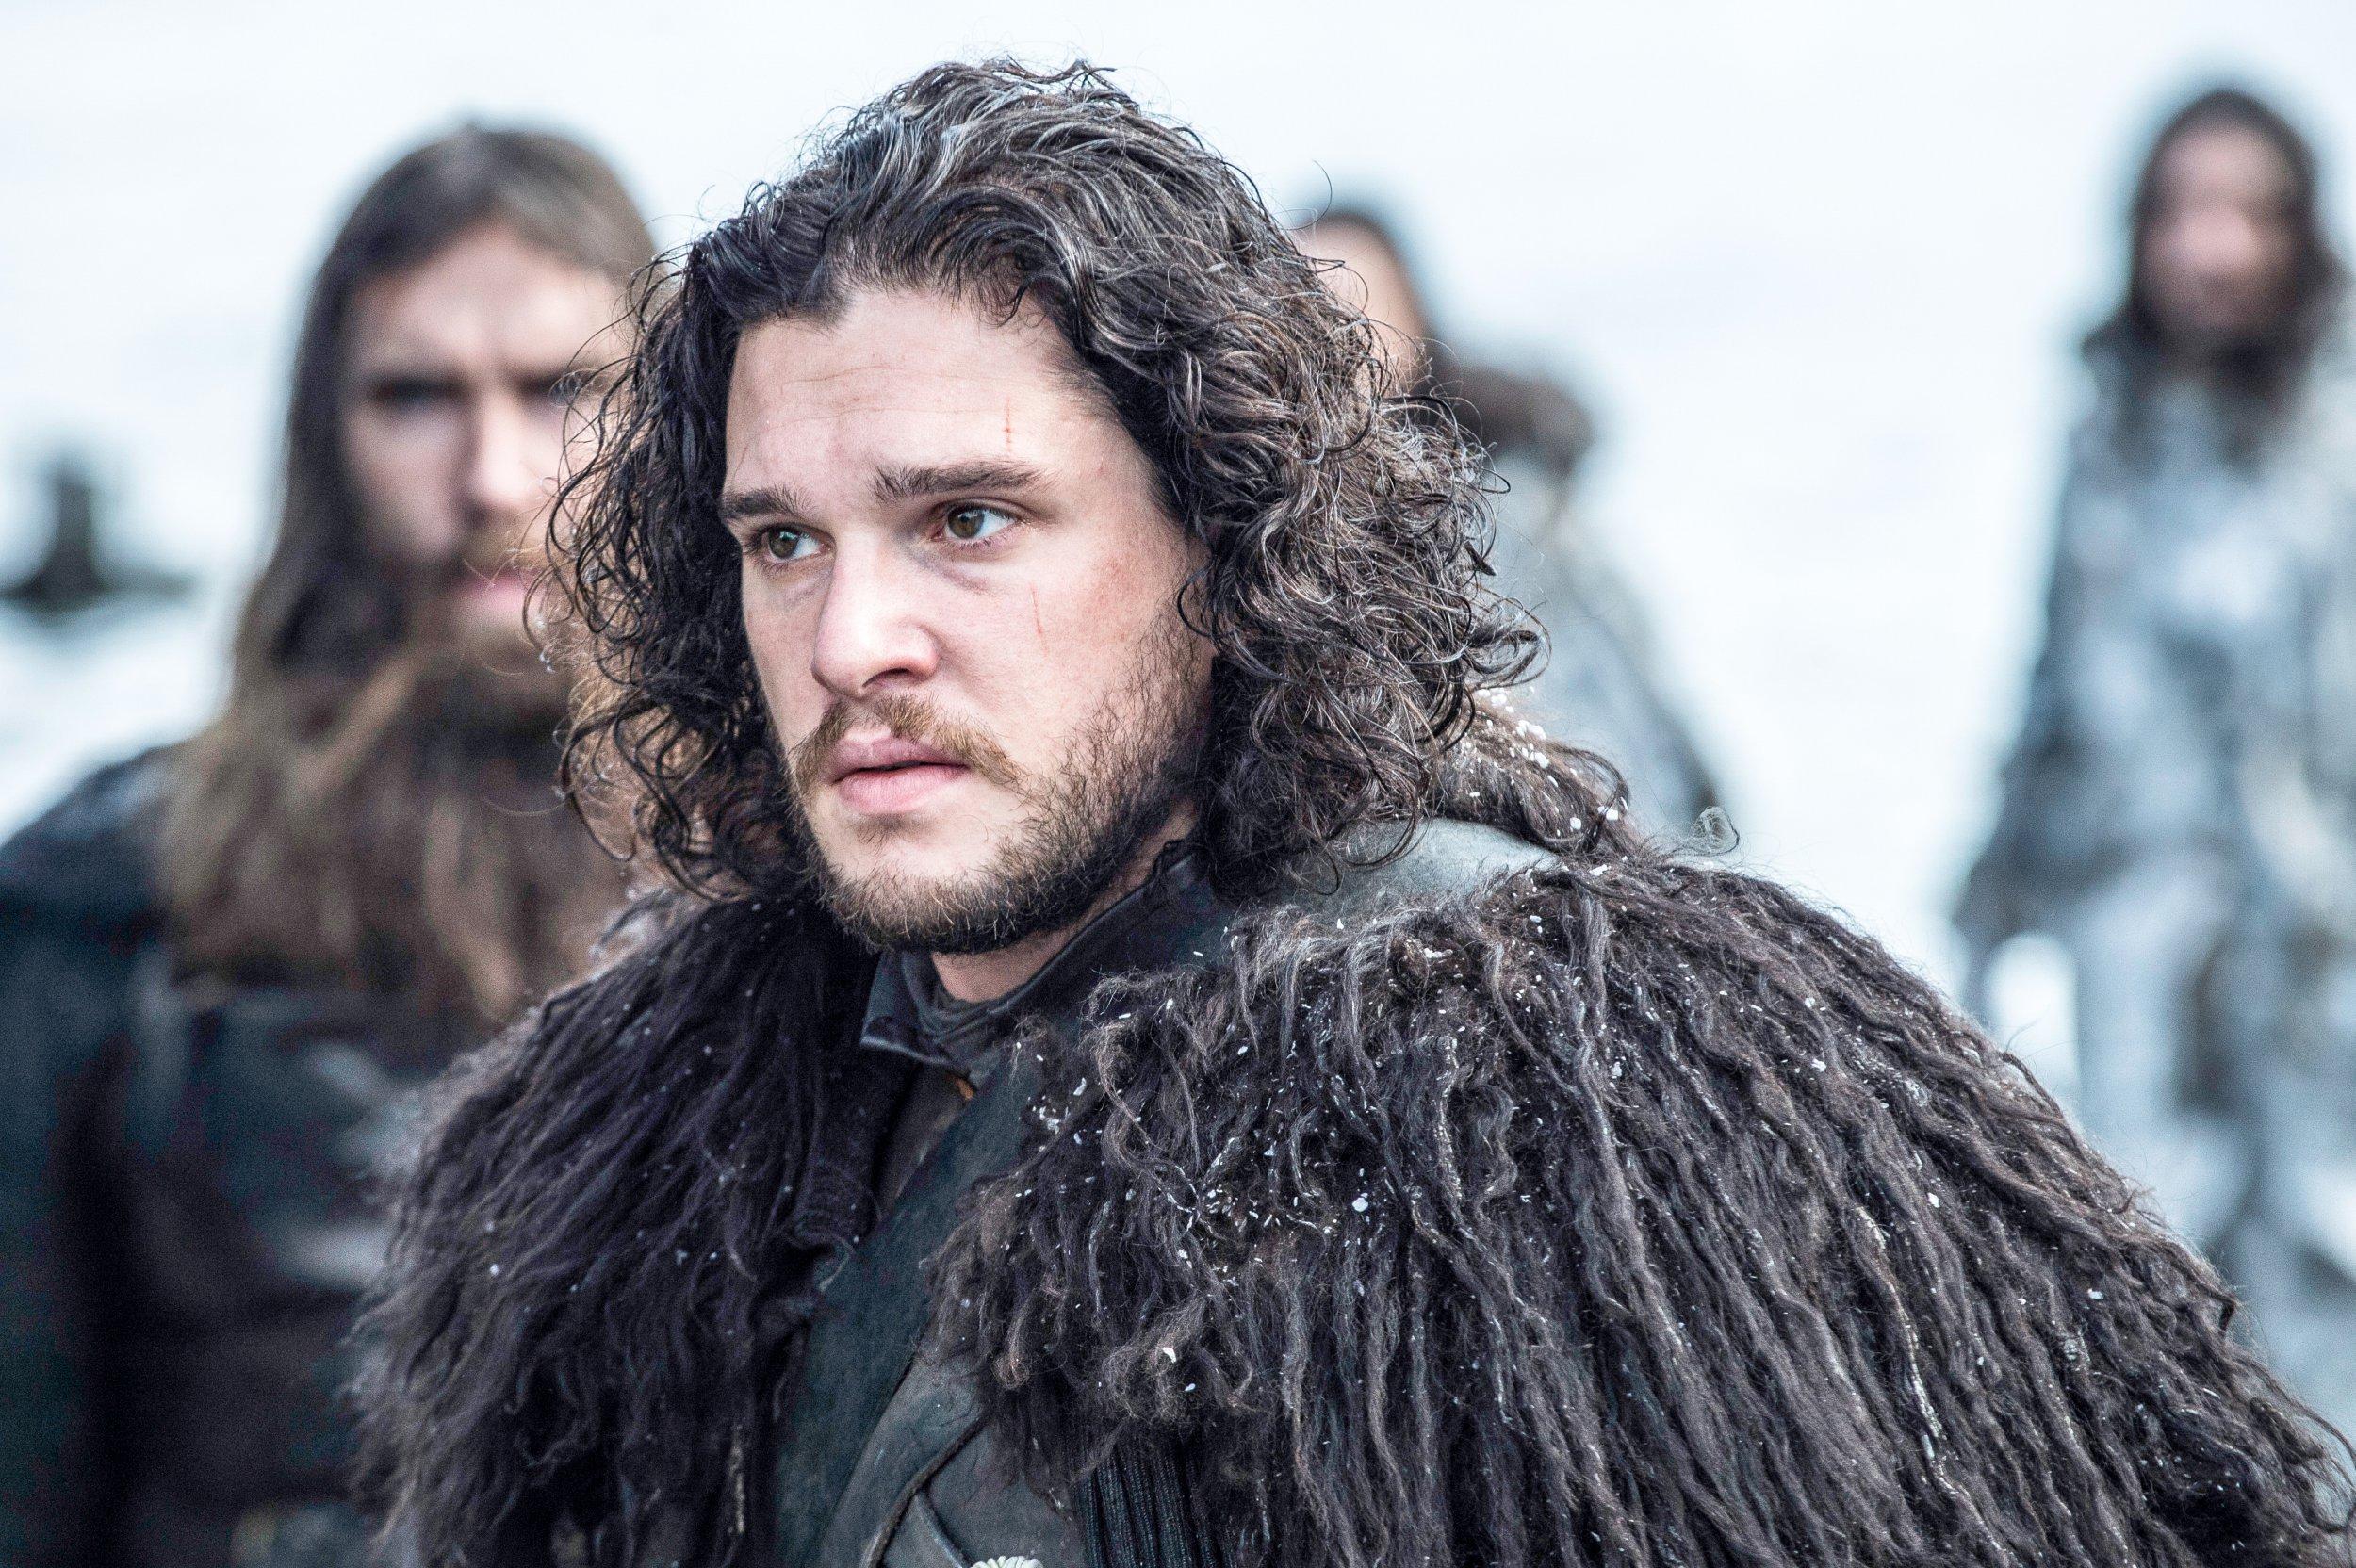 Game of Thrones. Series 5. Episode 8. Hardhome. Harington, Kit as Jon Snow